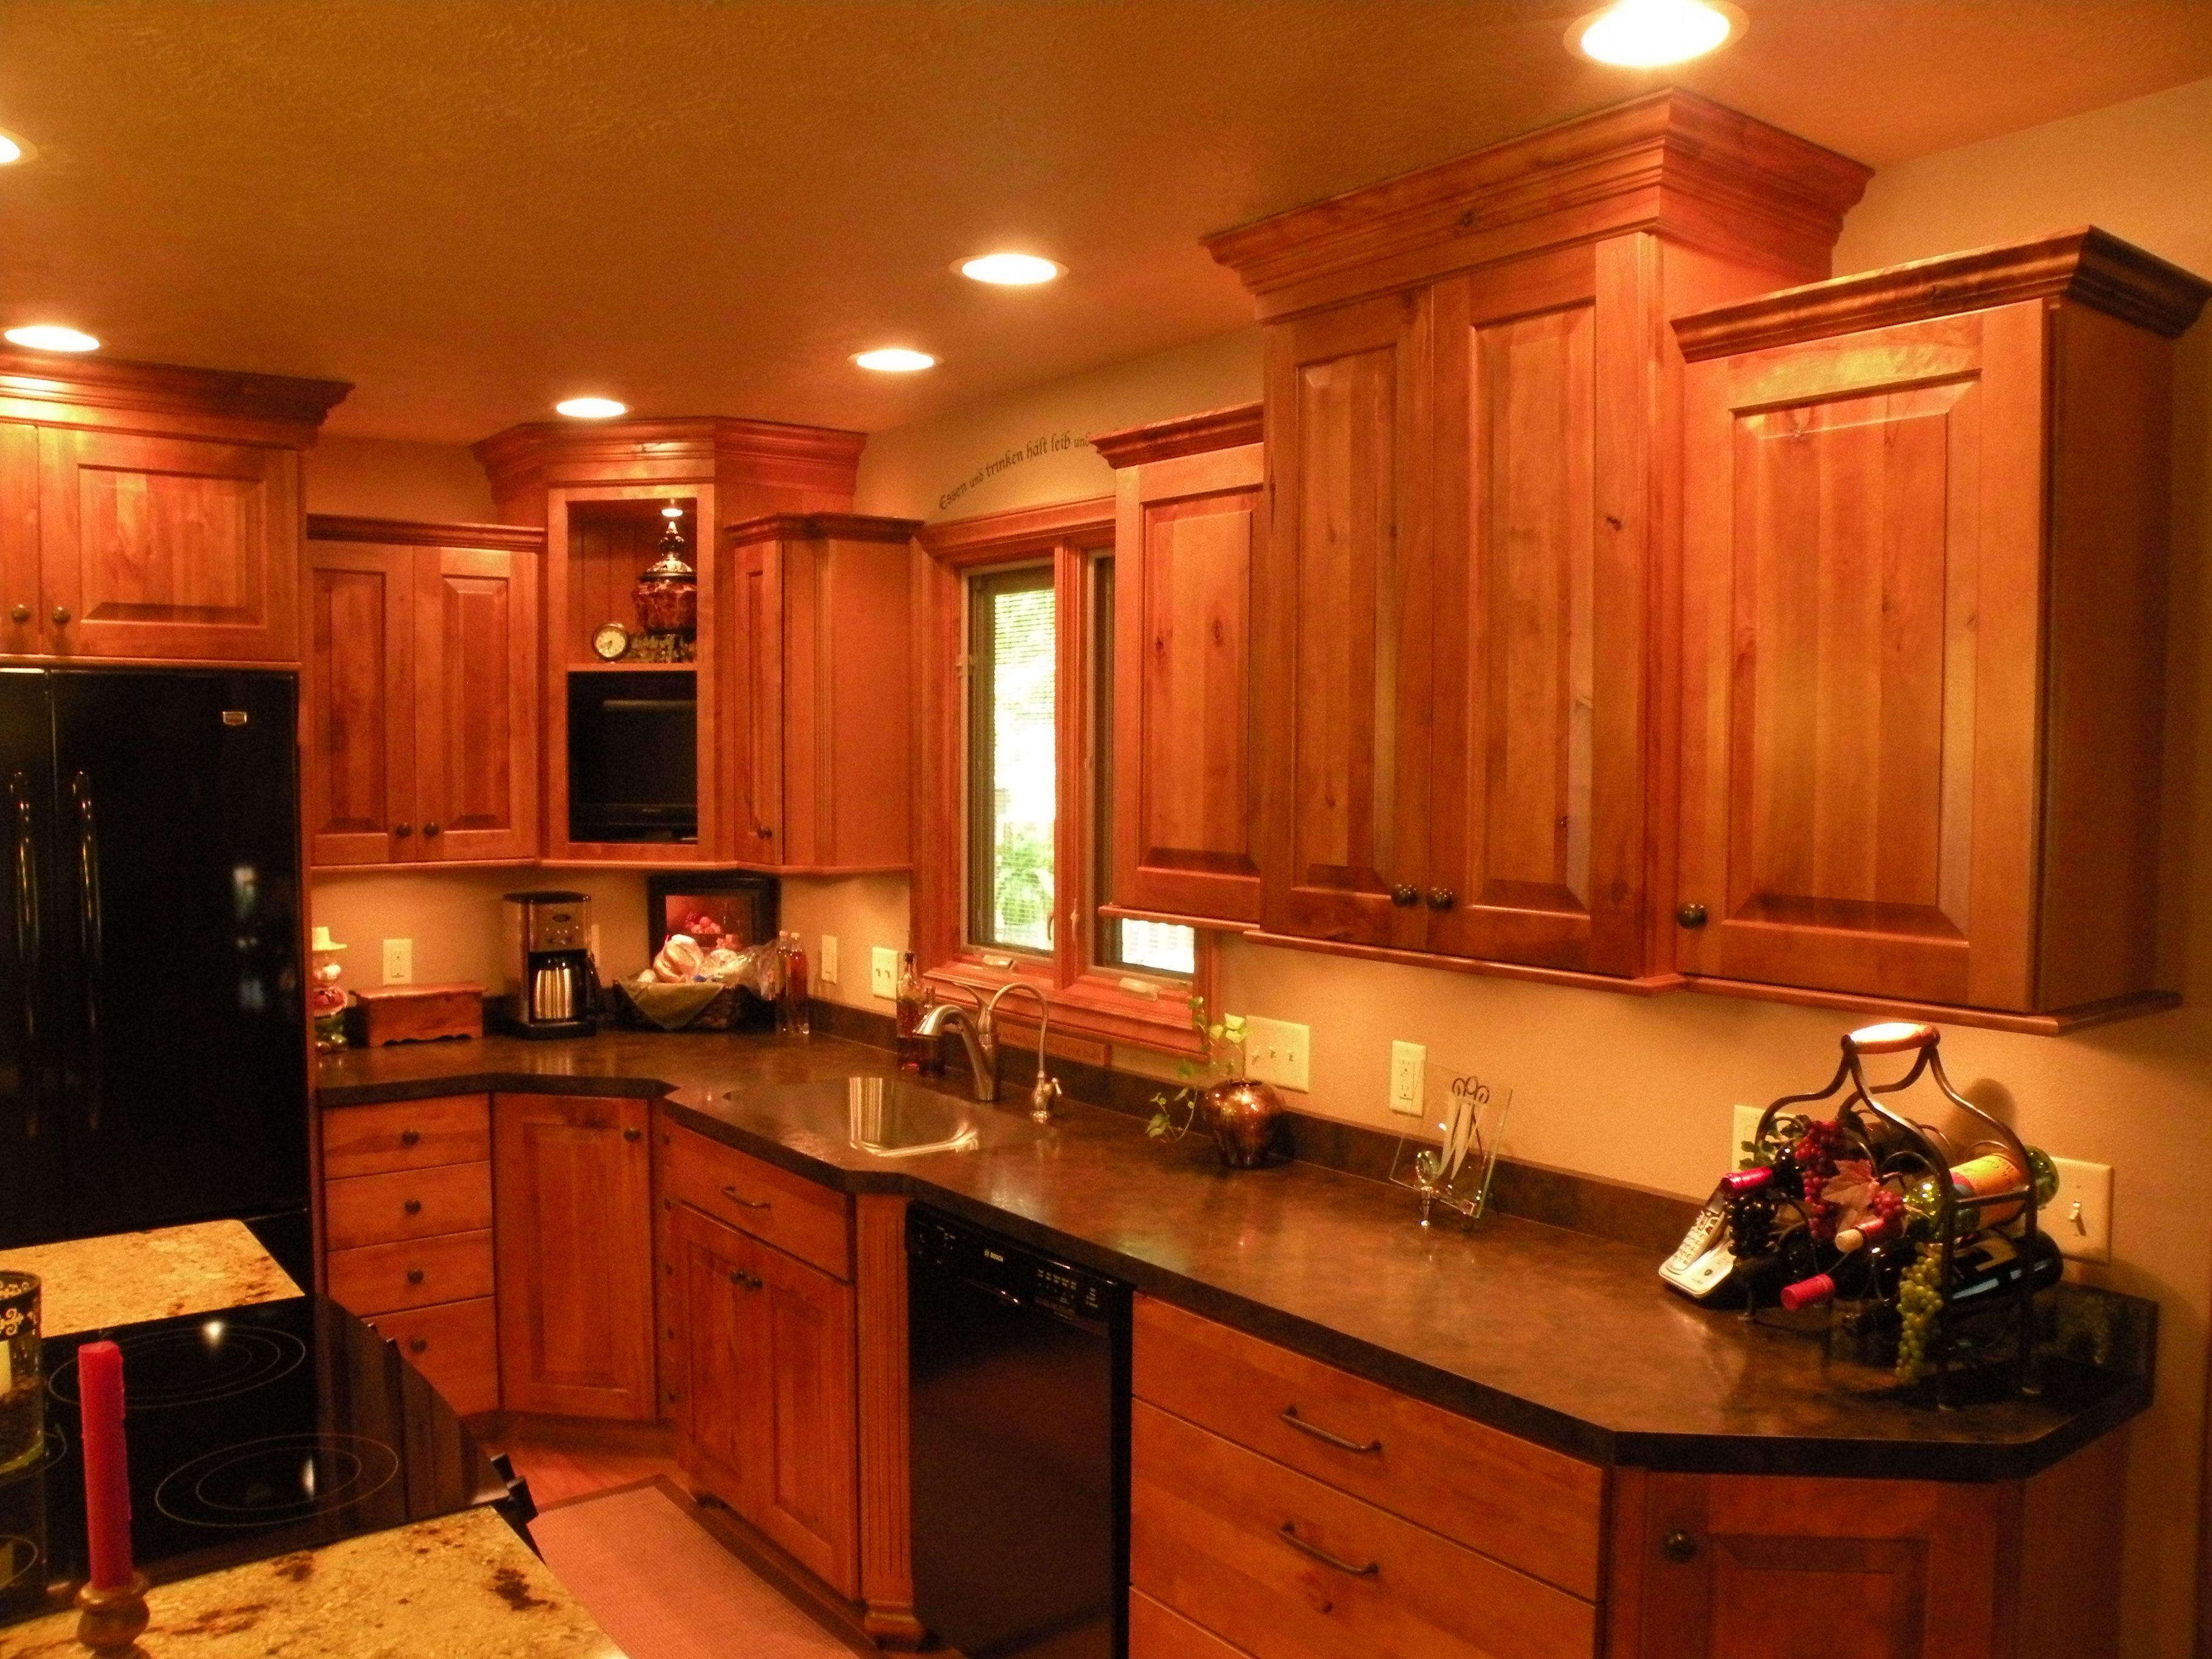 Kraftmaid Rustic Birch Kitchen Interior Home Designs Interior Updated Kitchen Kitchen Remodel Kitchen